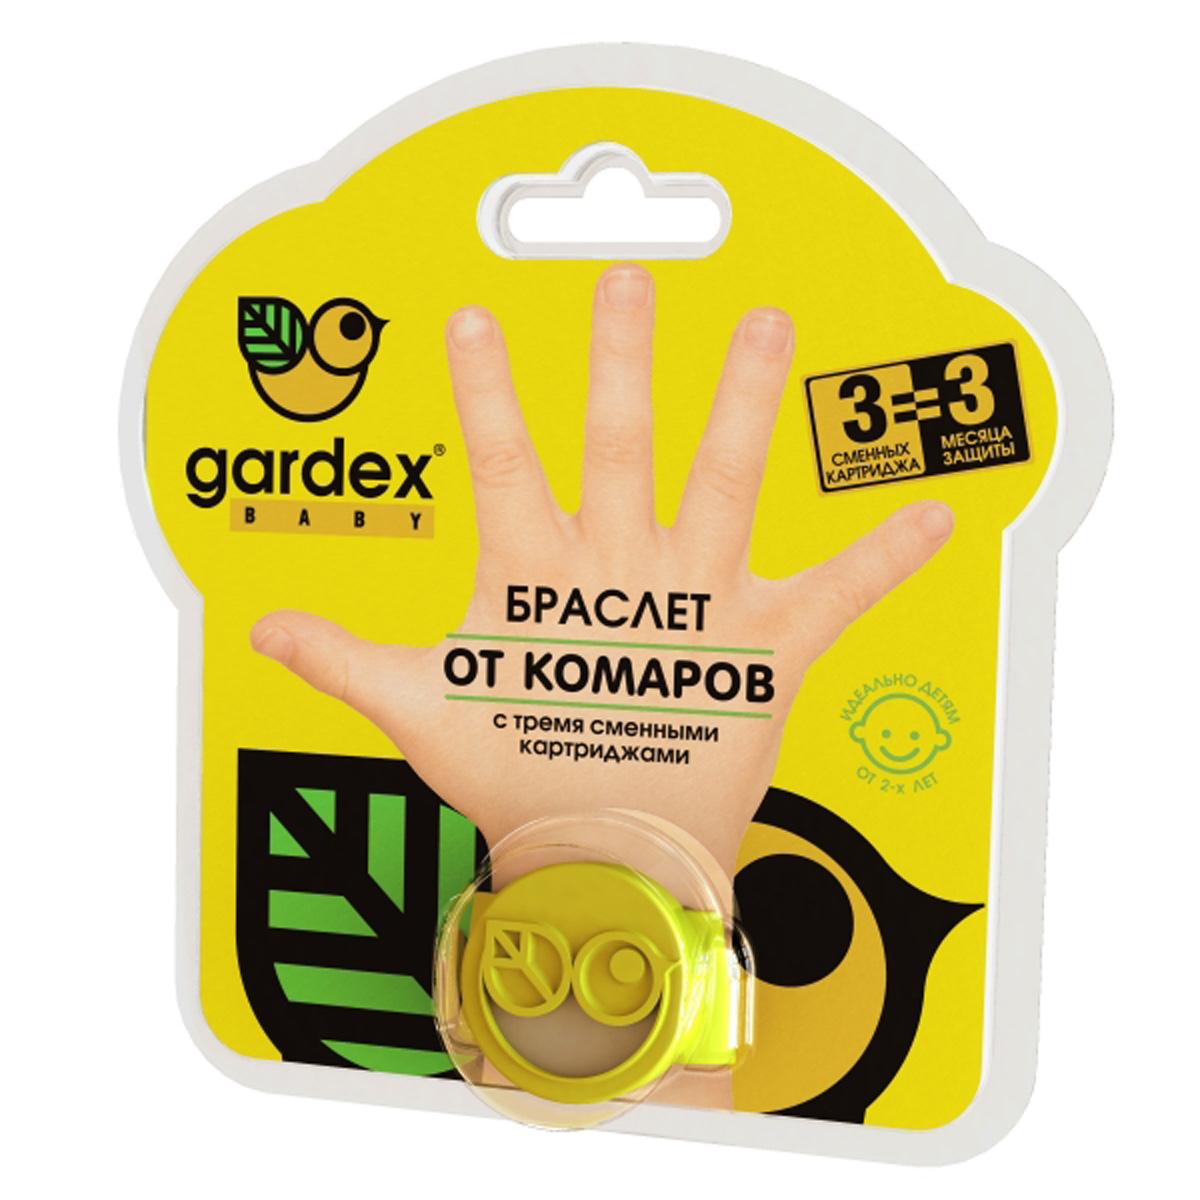 ������� �� ������� Gardex Baby � ����������� � 2-� ���